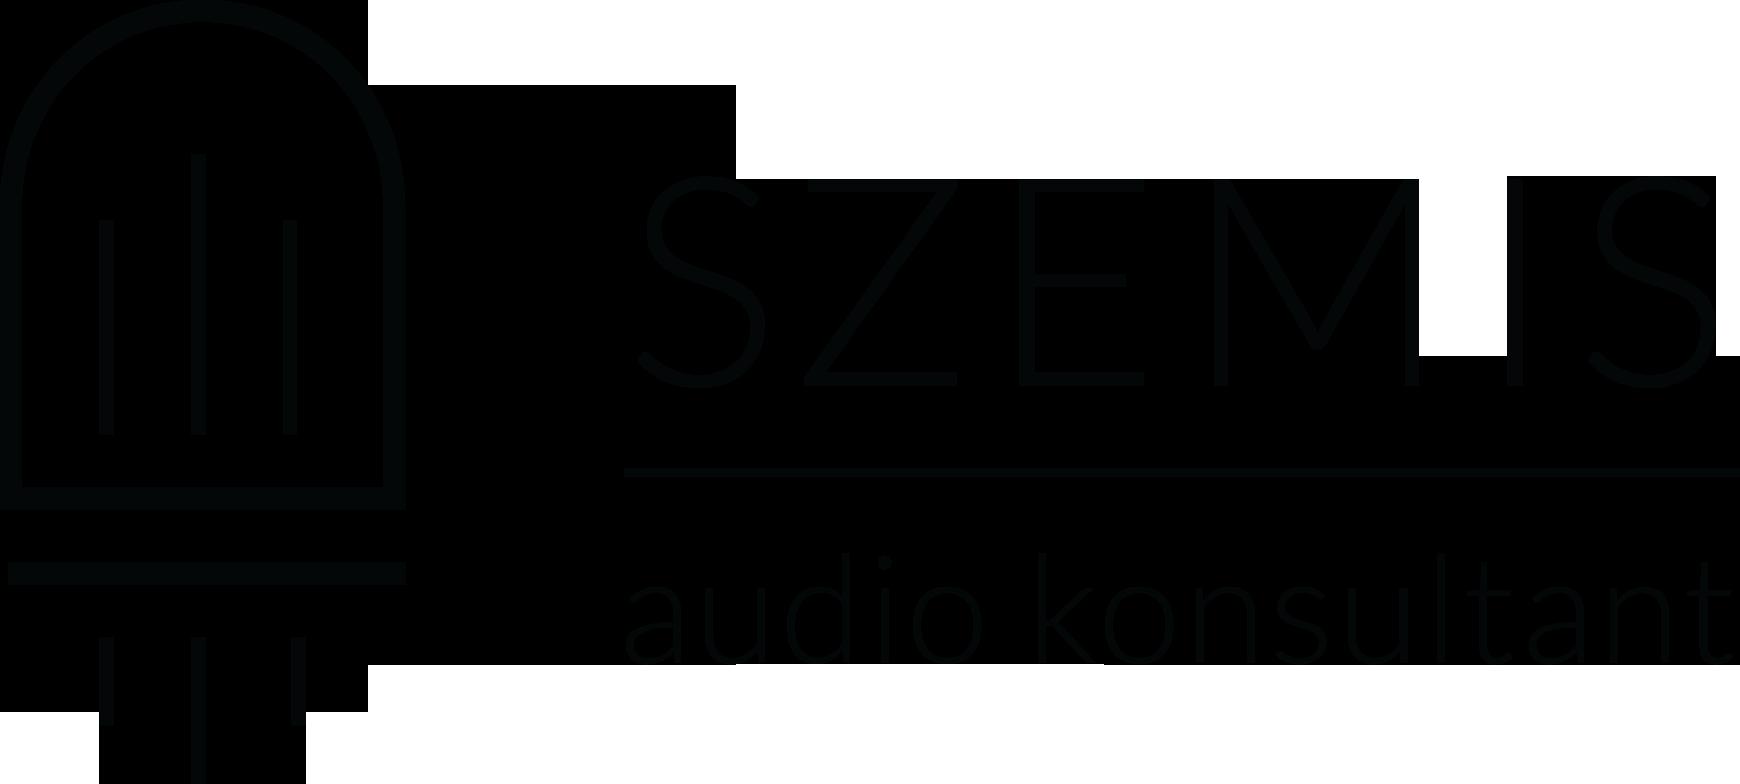 W_Szemis logo black